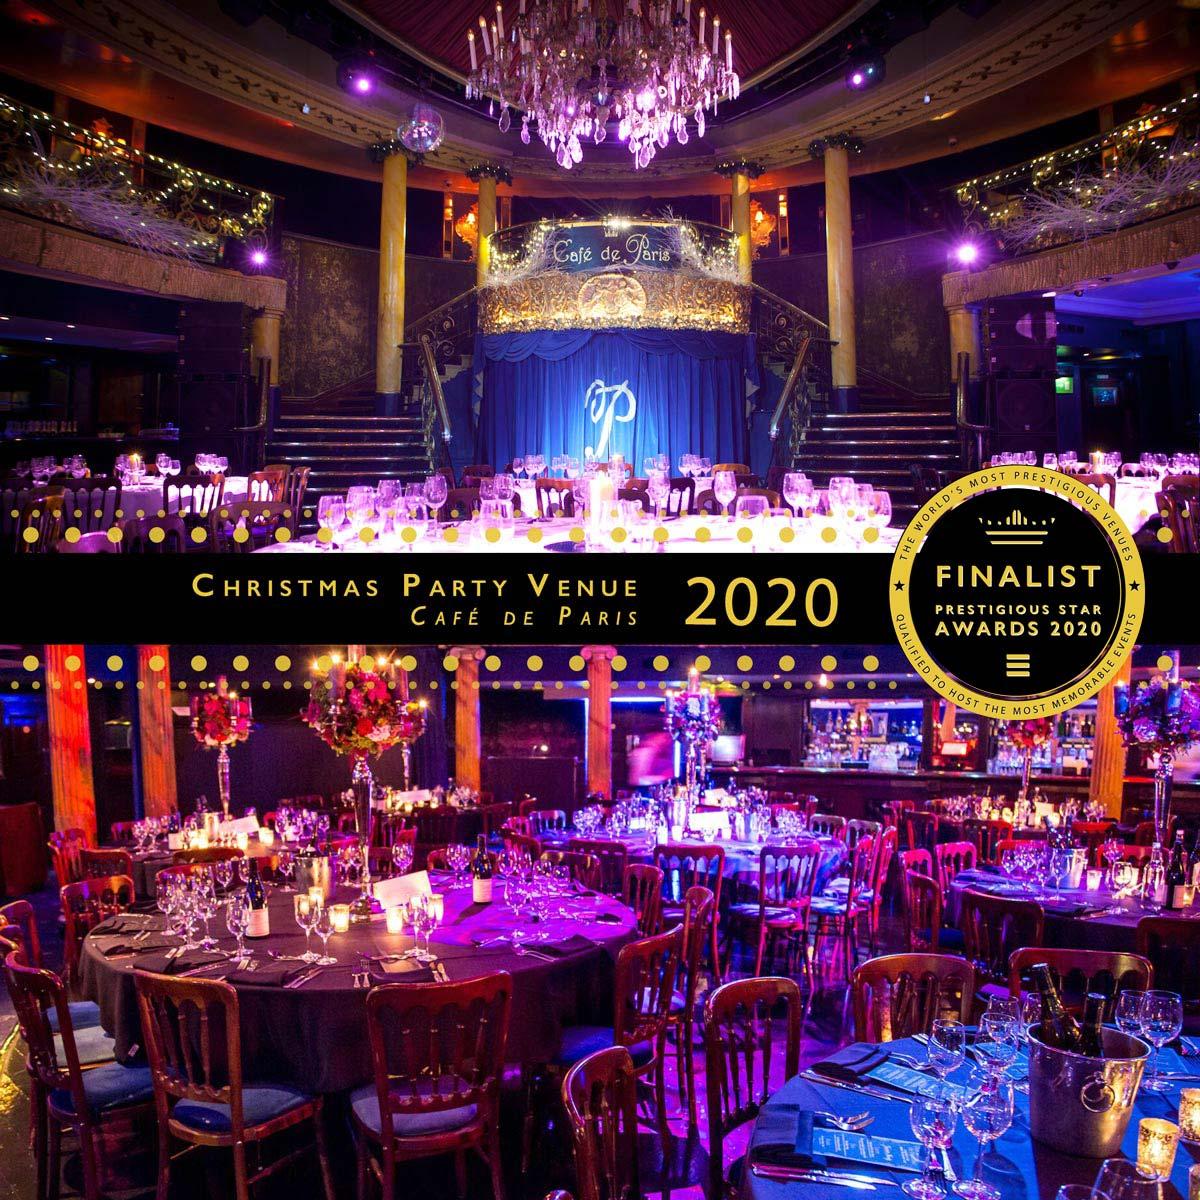 The Ballroom at Cafe de Paris